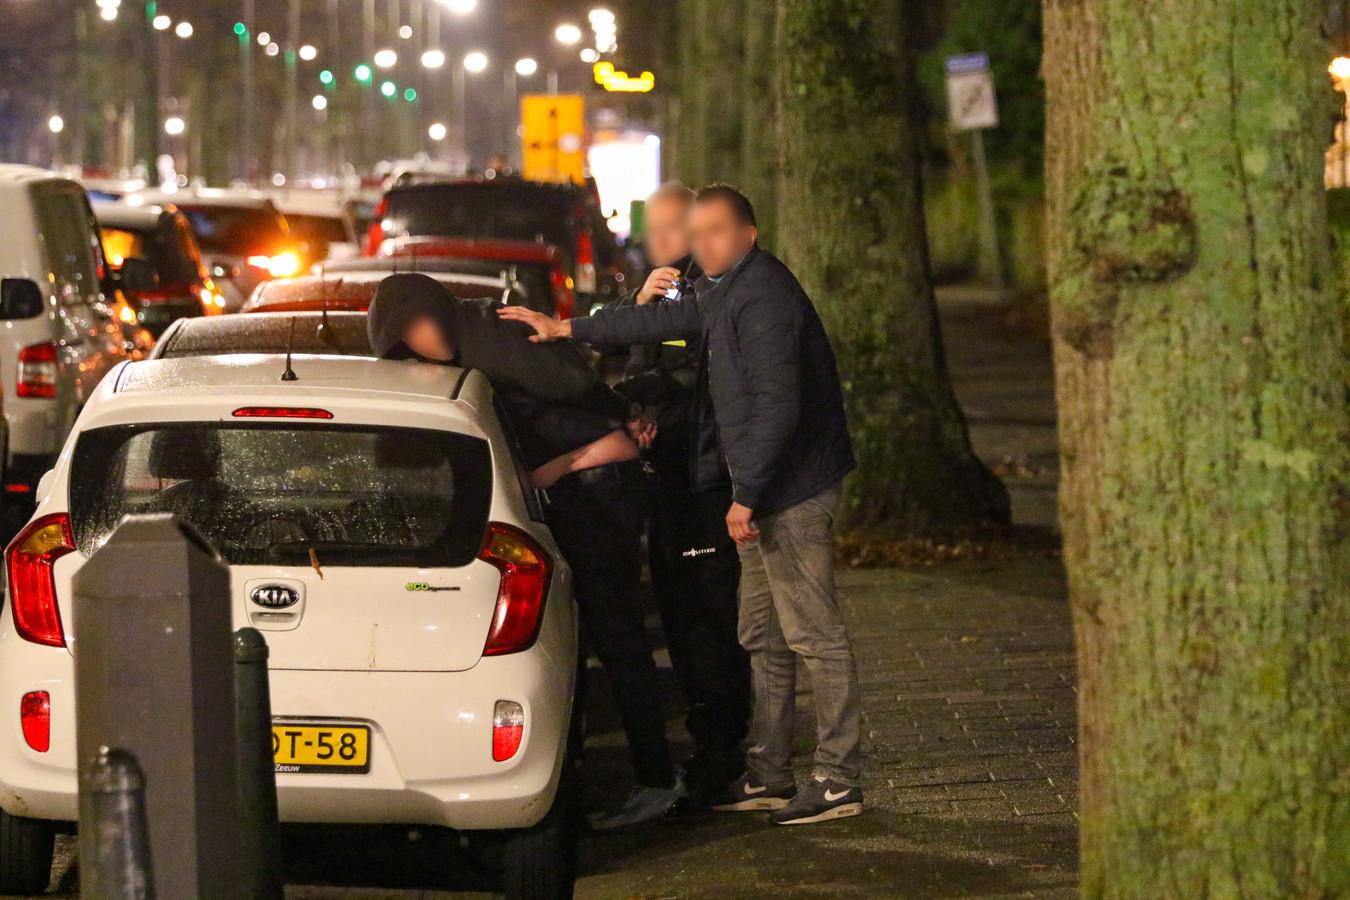 Na de woningoverval werden twee verdachten aangehouden door de politie.